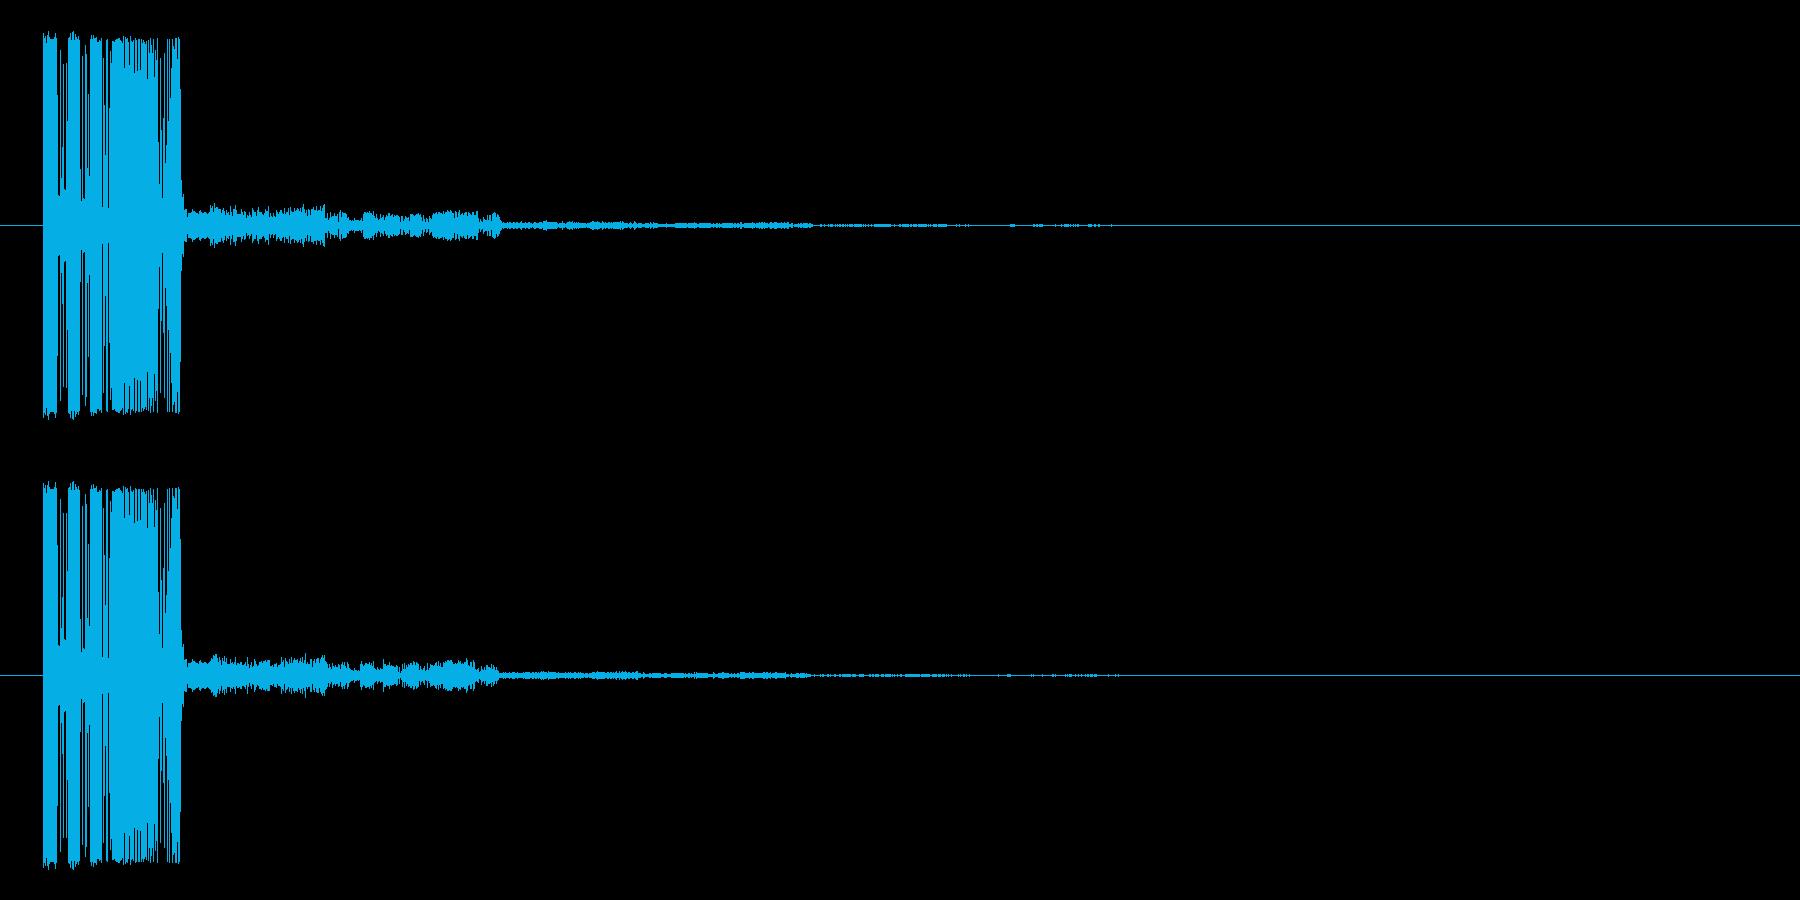 シューティング_被弾_ファミコン風3の再生済みの波形